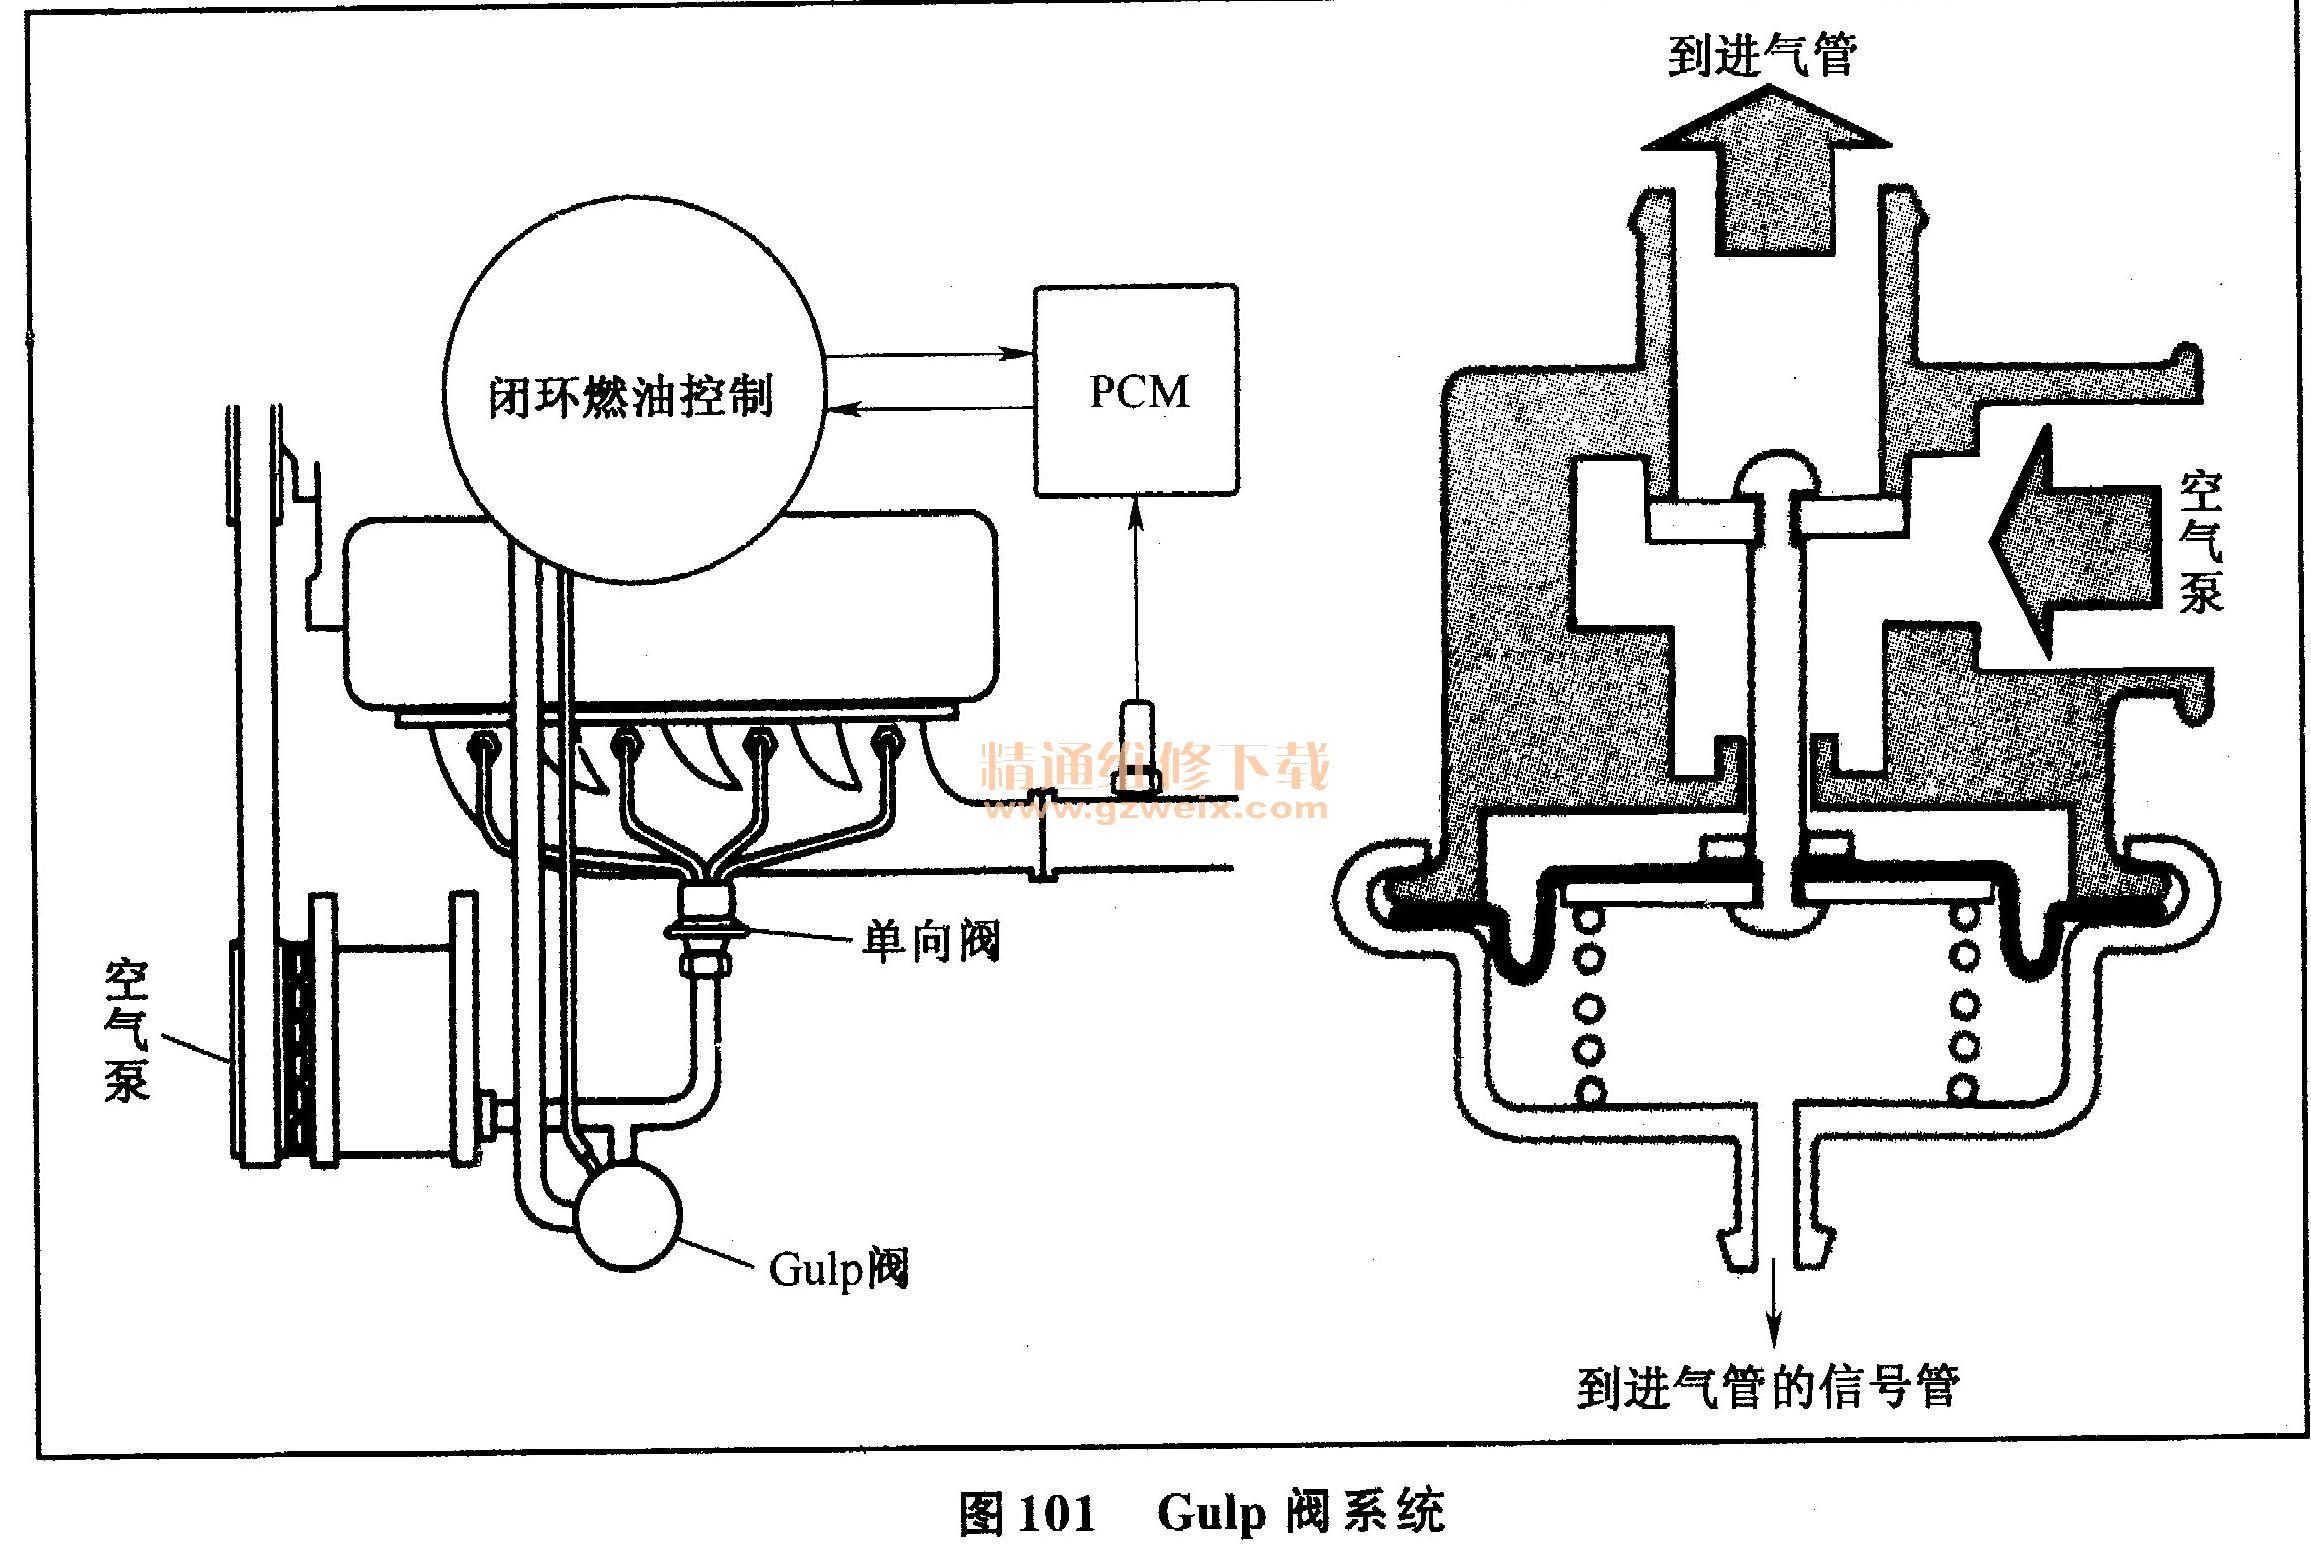 在减速过程中,真空信号迫使膜片克服弹簧弹力,将阀打开.图片